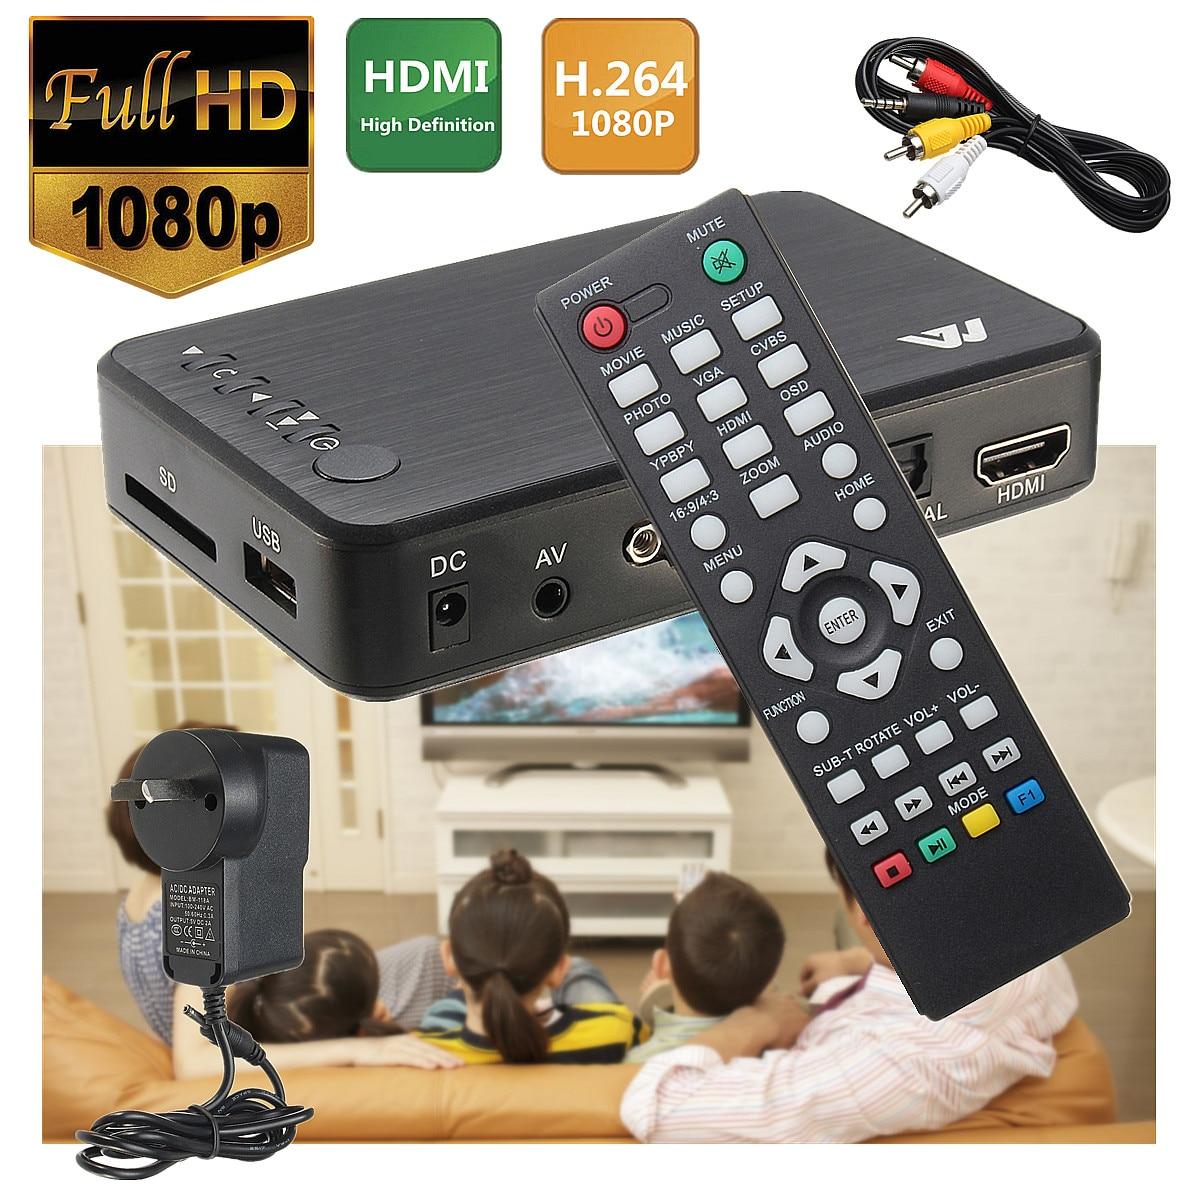 Completa 1080 P HD Multi Media Player com HDMI/VGA/AV w/CAIXA De TV Controle Remoto 3 FAT32 NTFS Saída DA UE/REINO UNIDO/EUA/AU Portátil Fácil Instalação